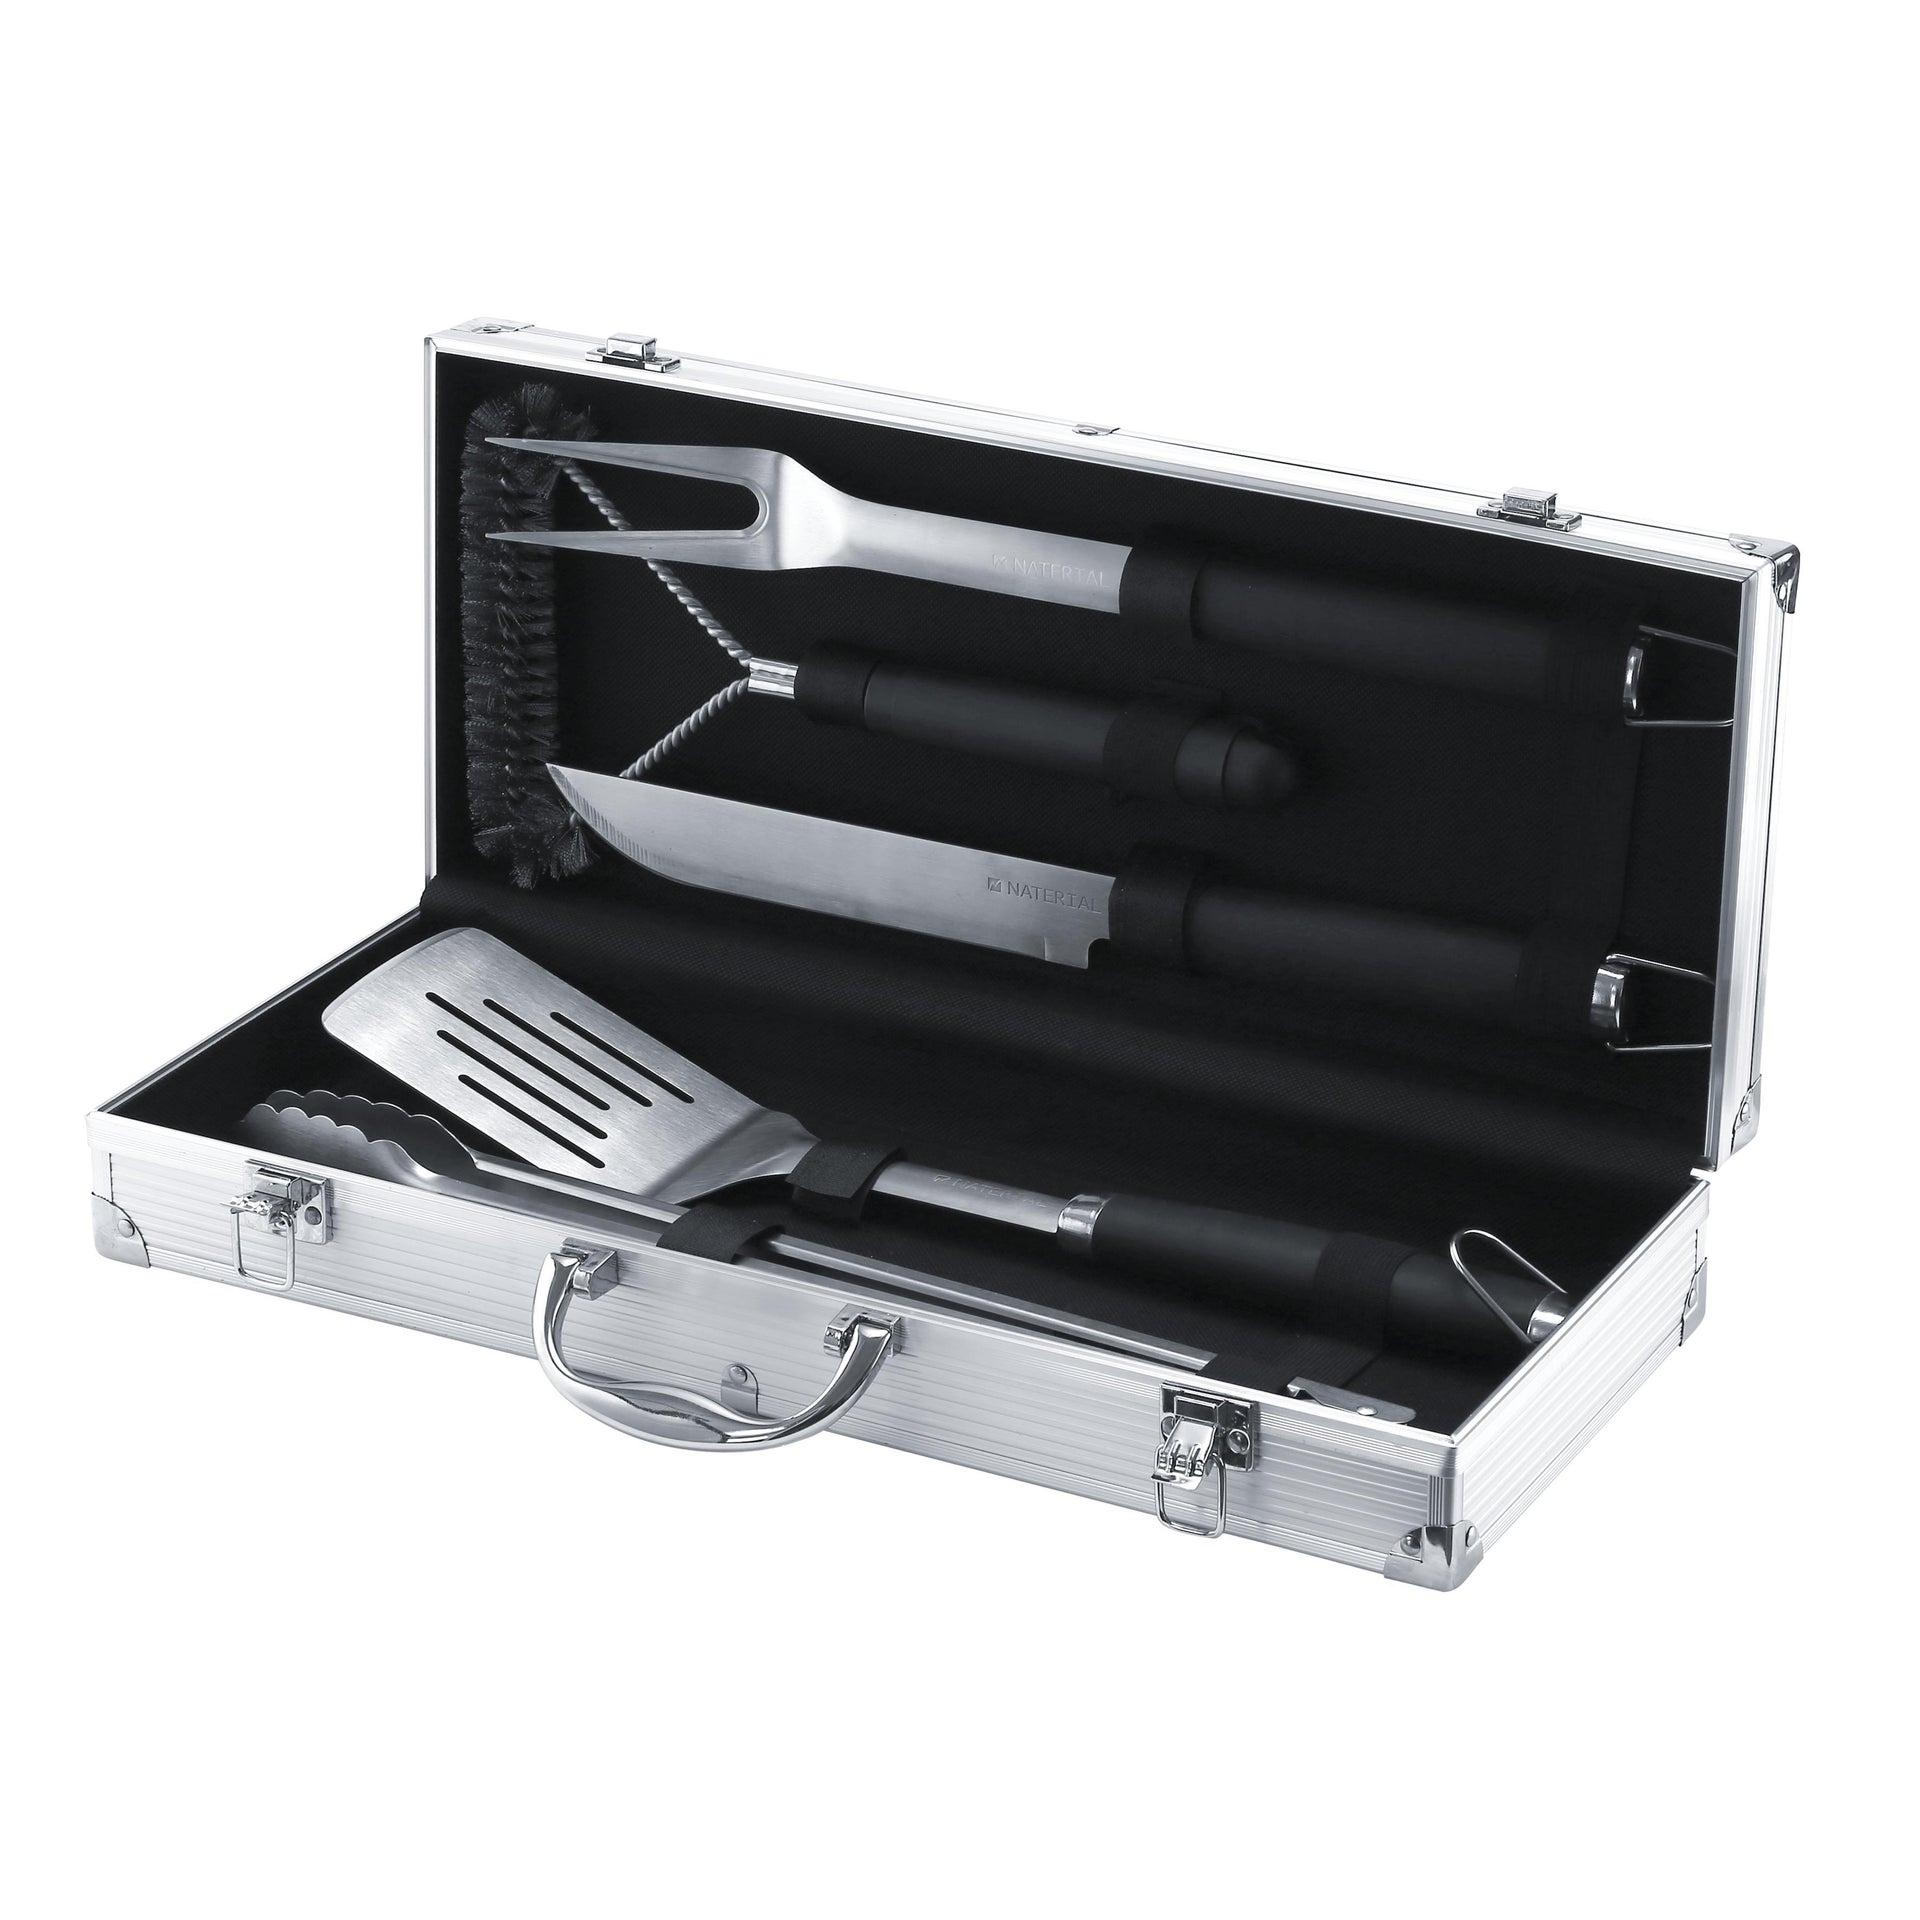 Kit utensili NATERIAL in inox - 4